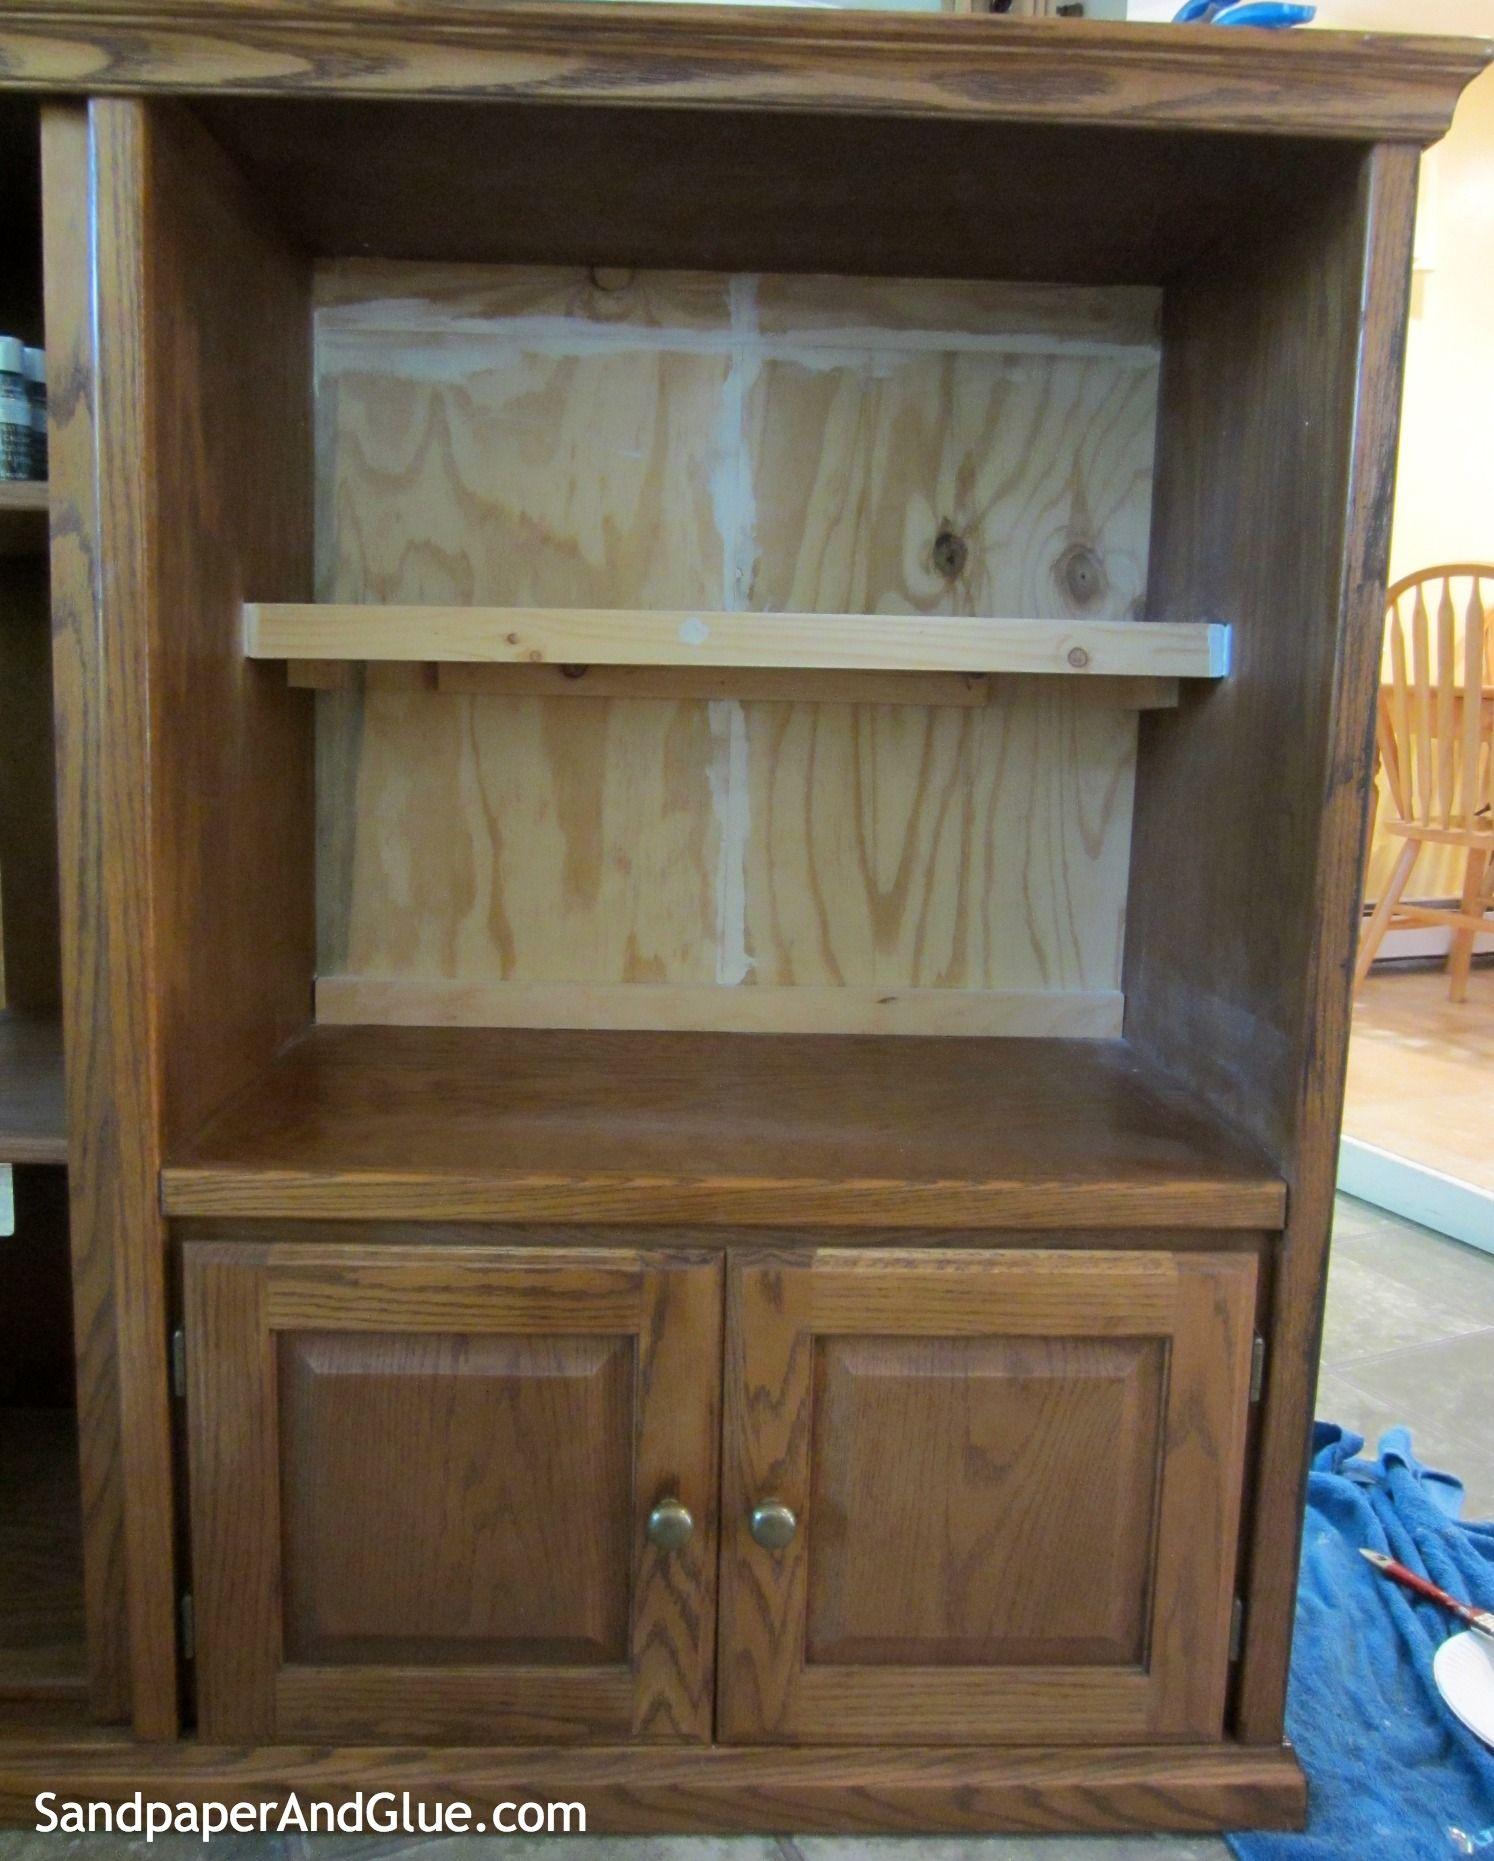 bookshelf media cabinet - Media Cabinet With Bookshelves